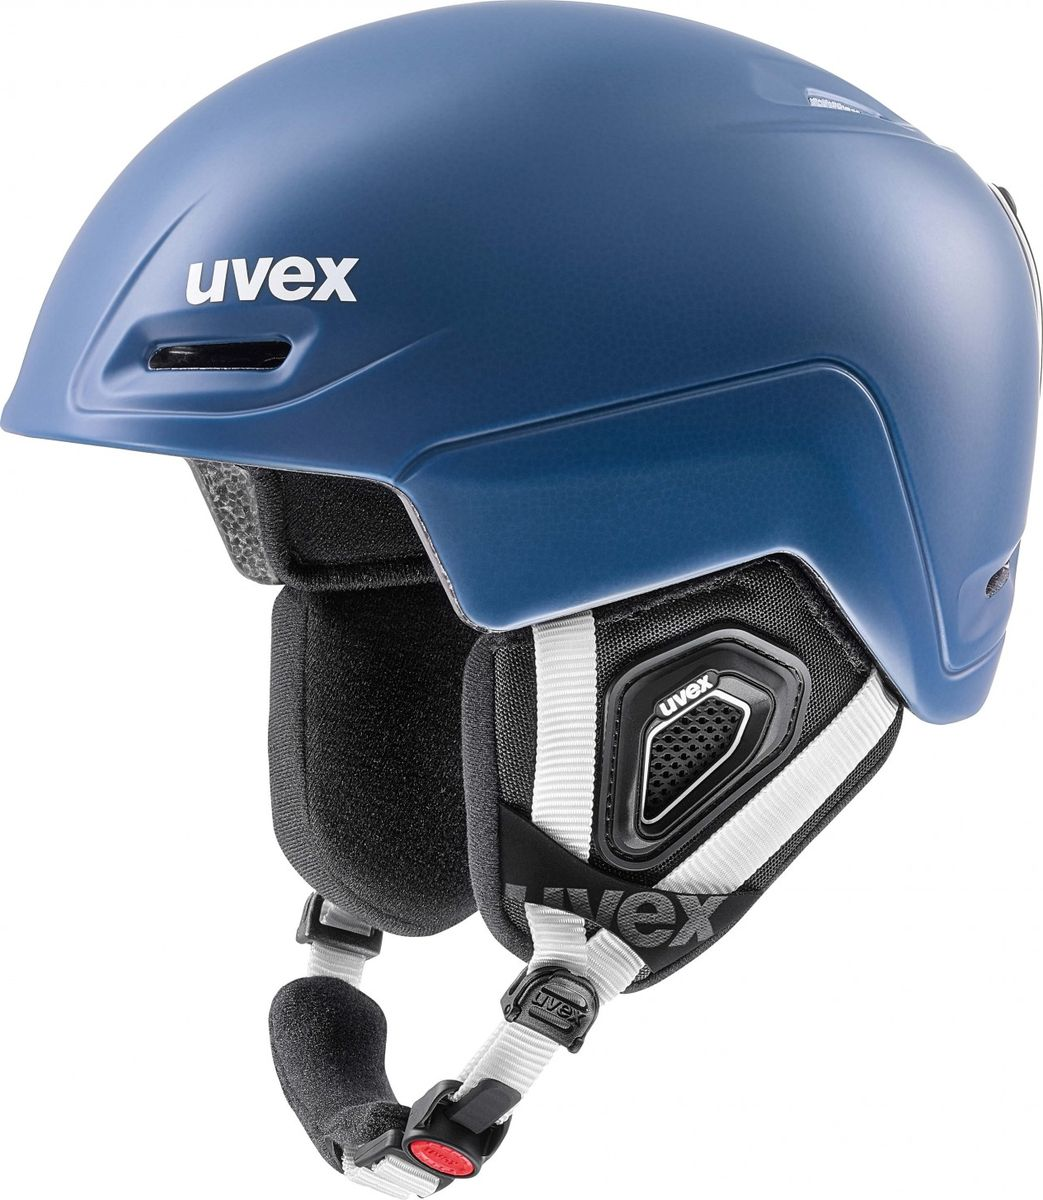 Шлем горнолыжный Uvex  Jimm Helmet , цвет: синий матовый. Размер S - Горные лыжи